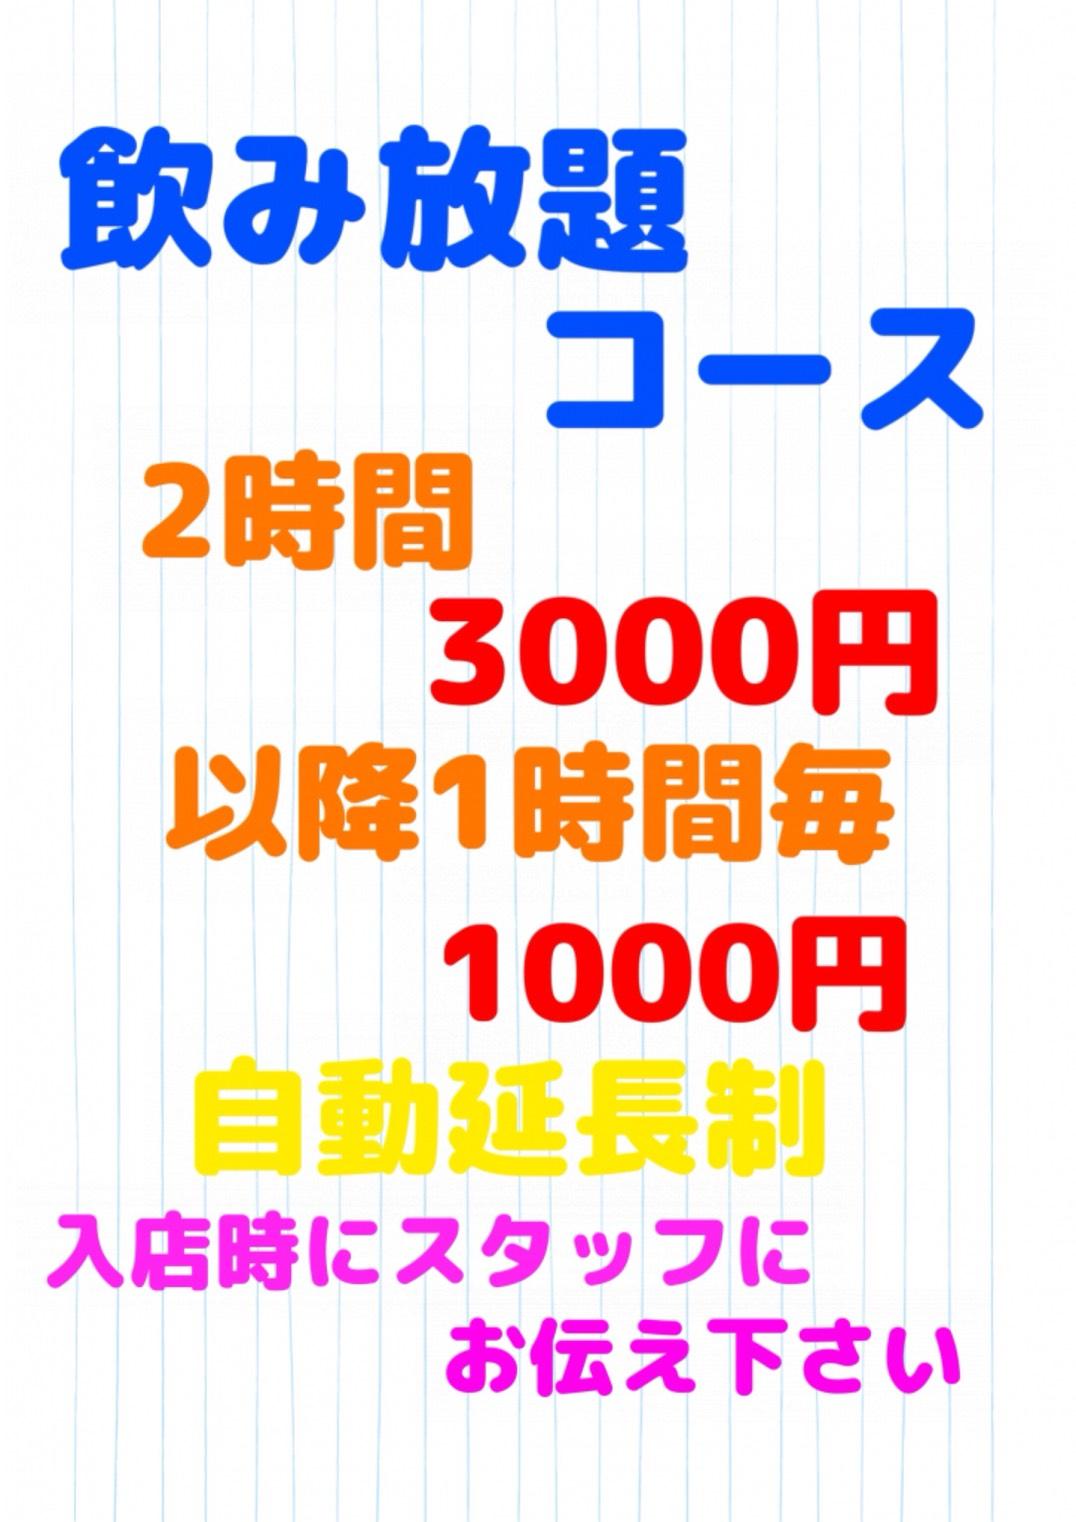 2時間3000円、以降1時間1000円